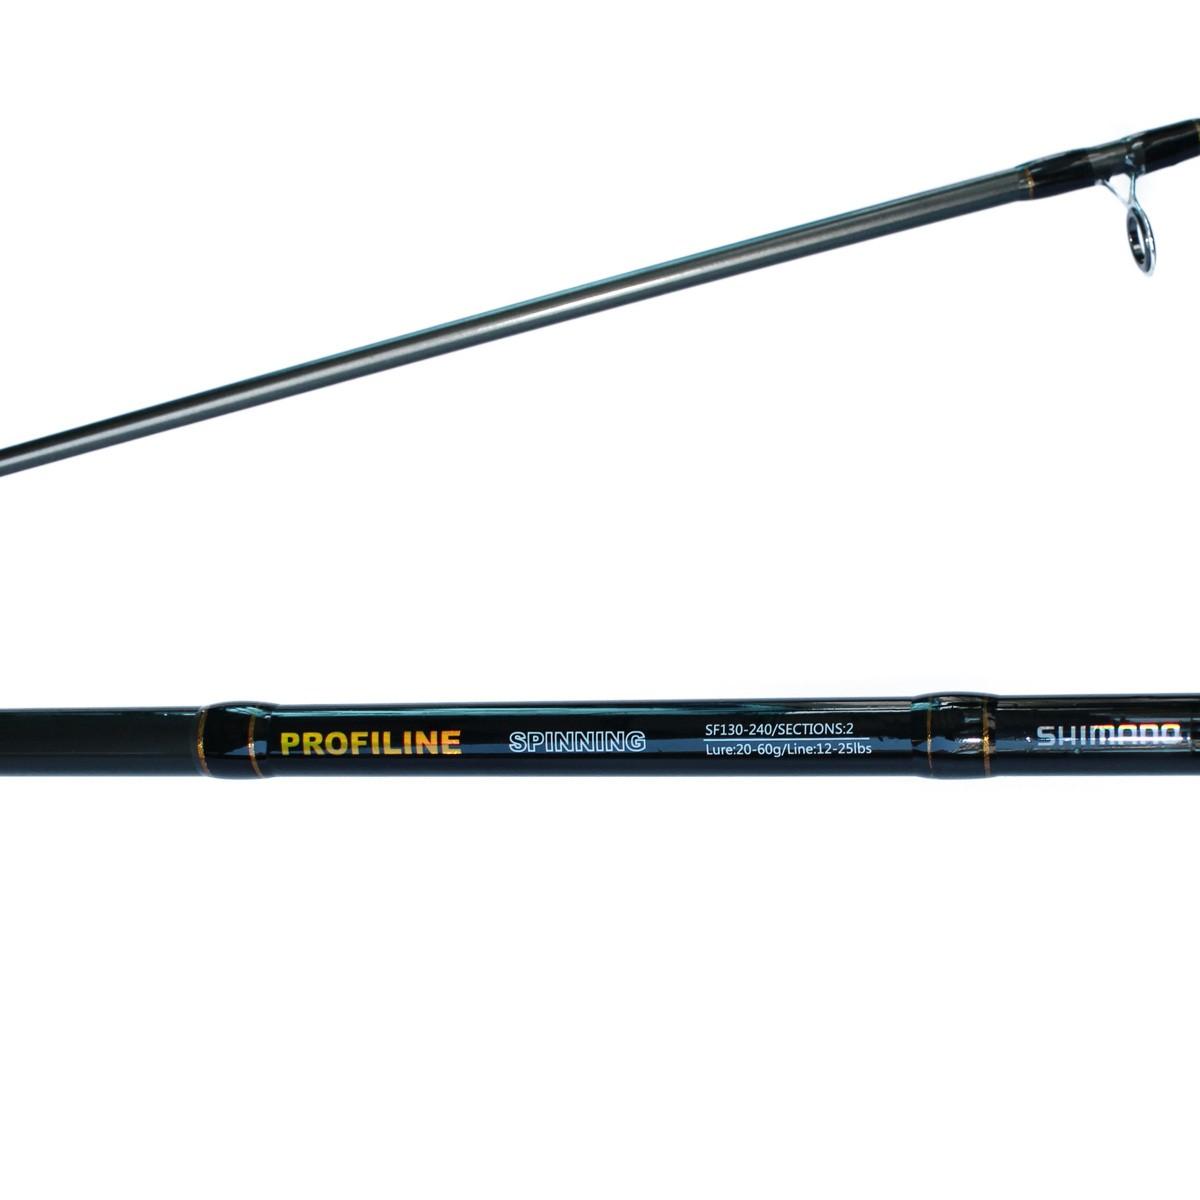 Cần Câu Hai Khúc Shimano Profiline 2m4 -Cần Câu Cá Loại Tốt